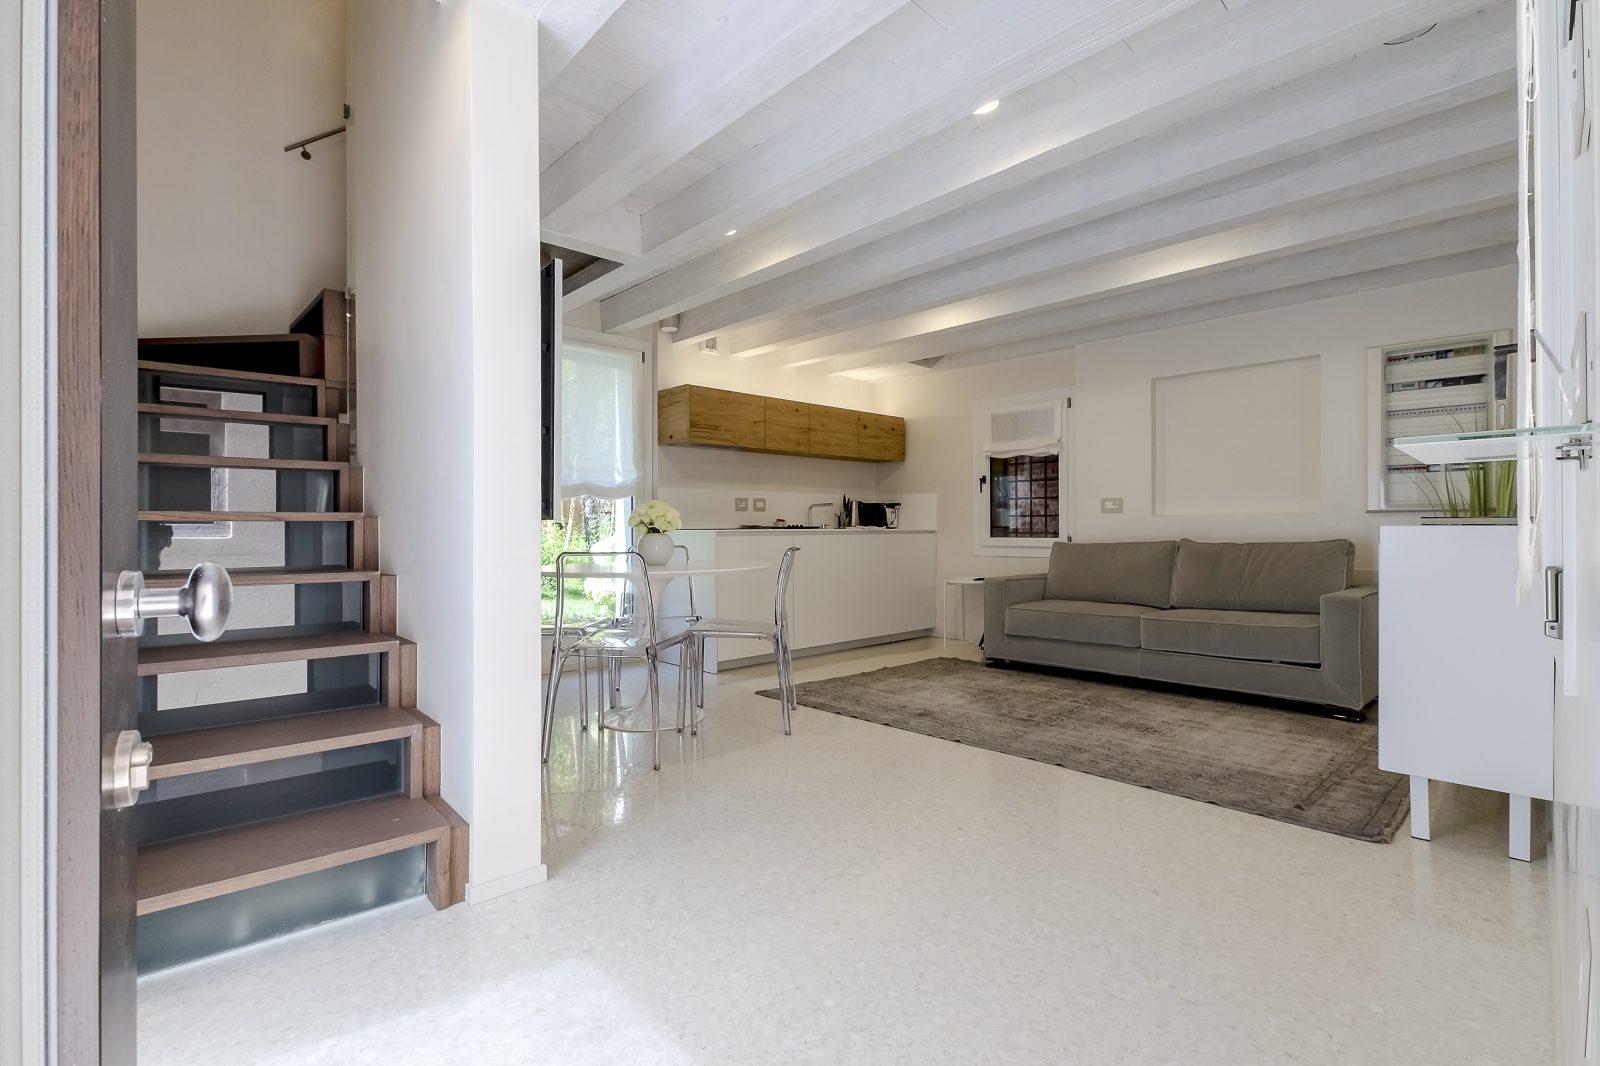 tavolo-sedie-soggiorno-salotto-appartamento-mirto-design-scale-venezia-palazzo-morosini